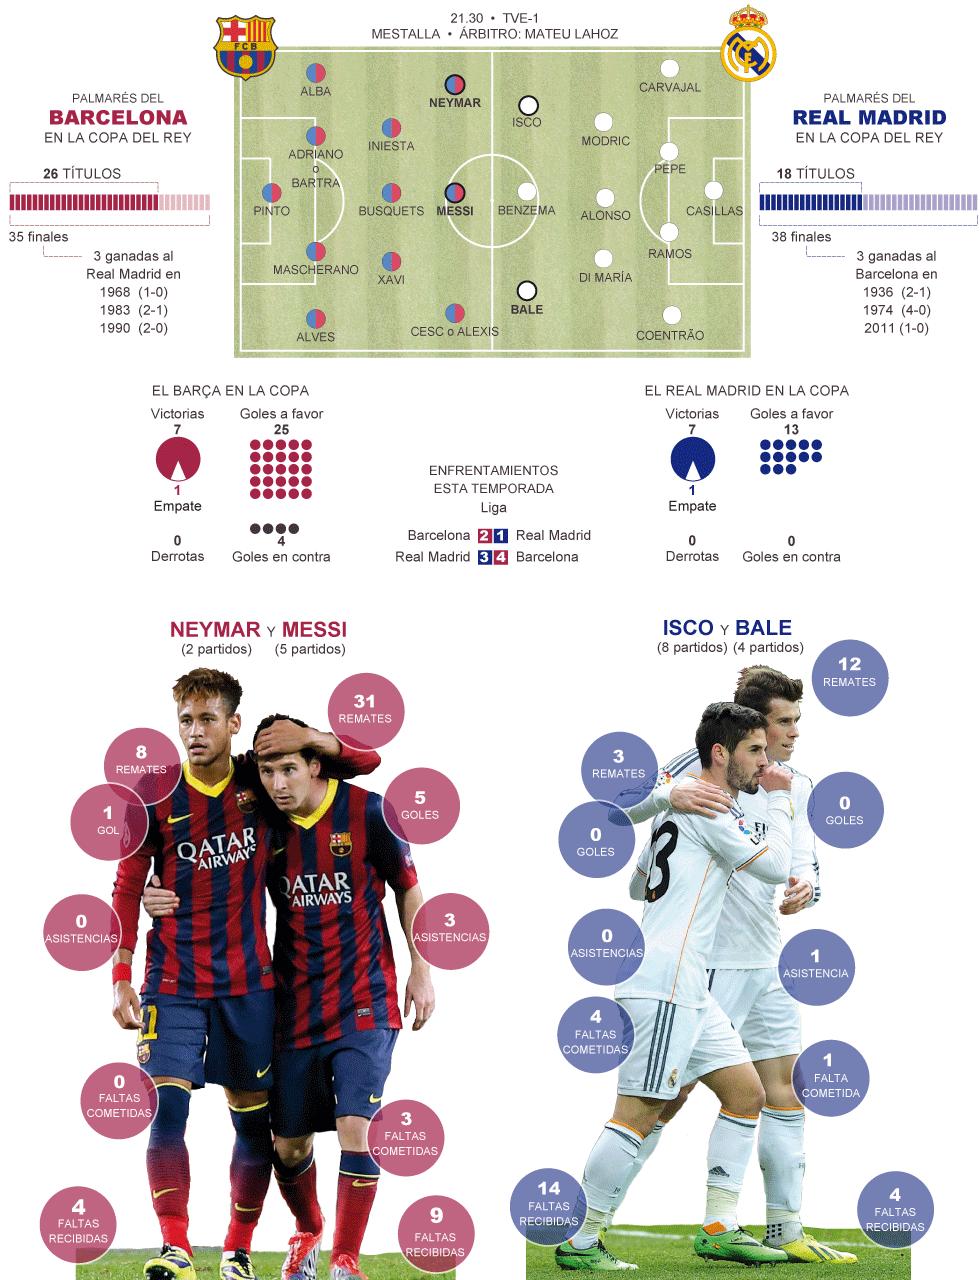 Barcelona Real Madrid Final De La Copa Del Rey Real Madrid Deportes Futbol Equipo De Fútbol